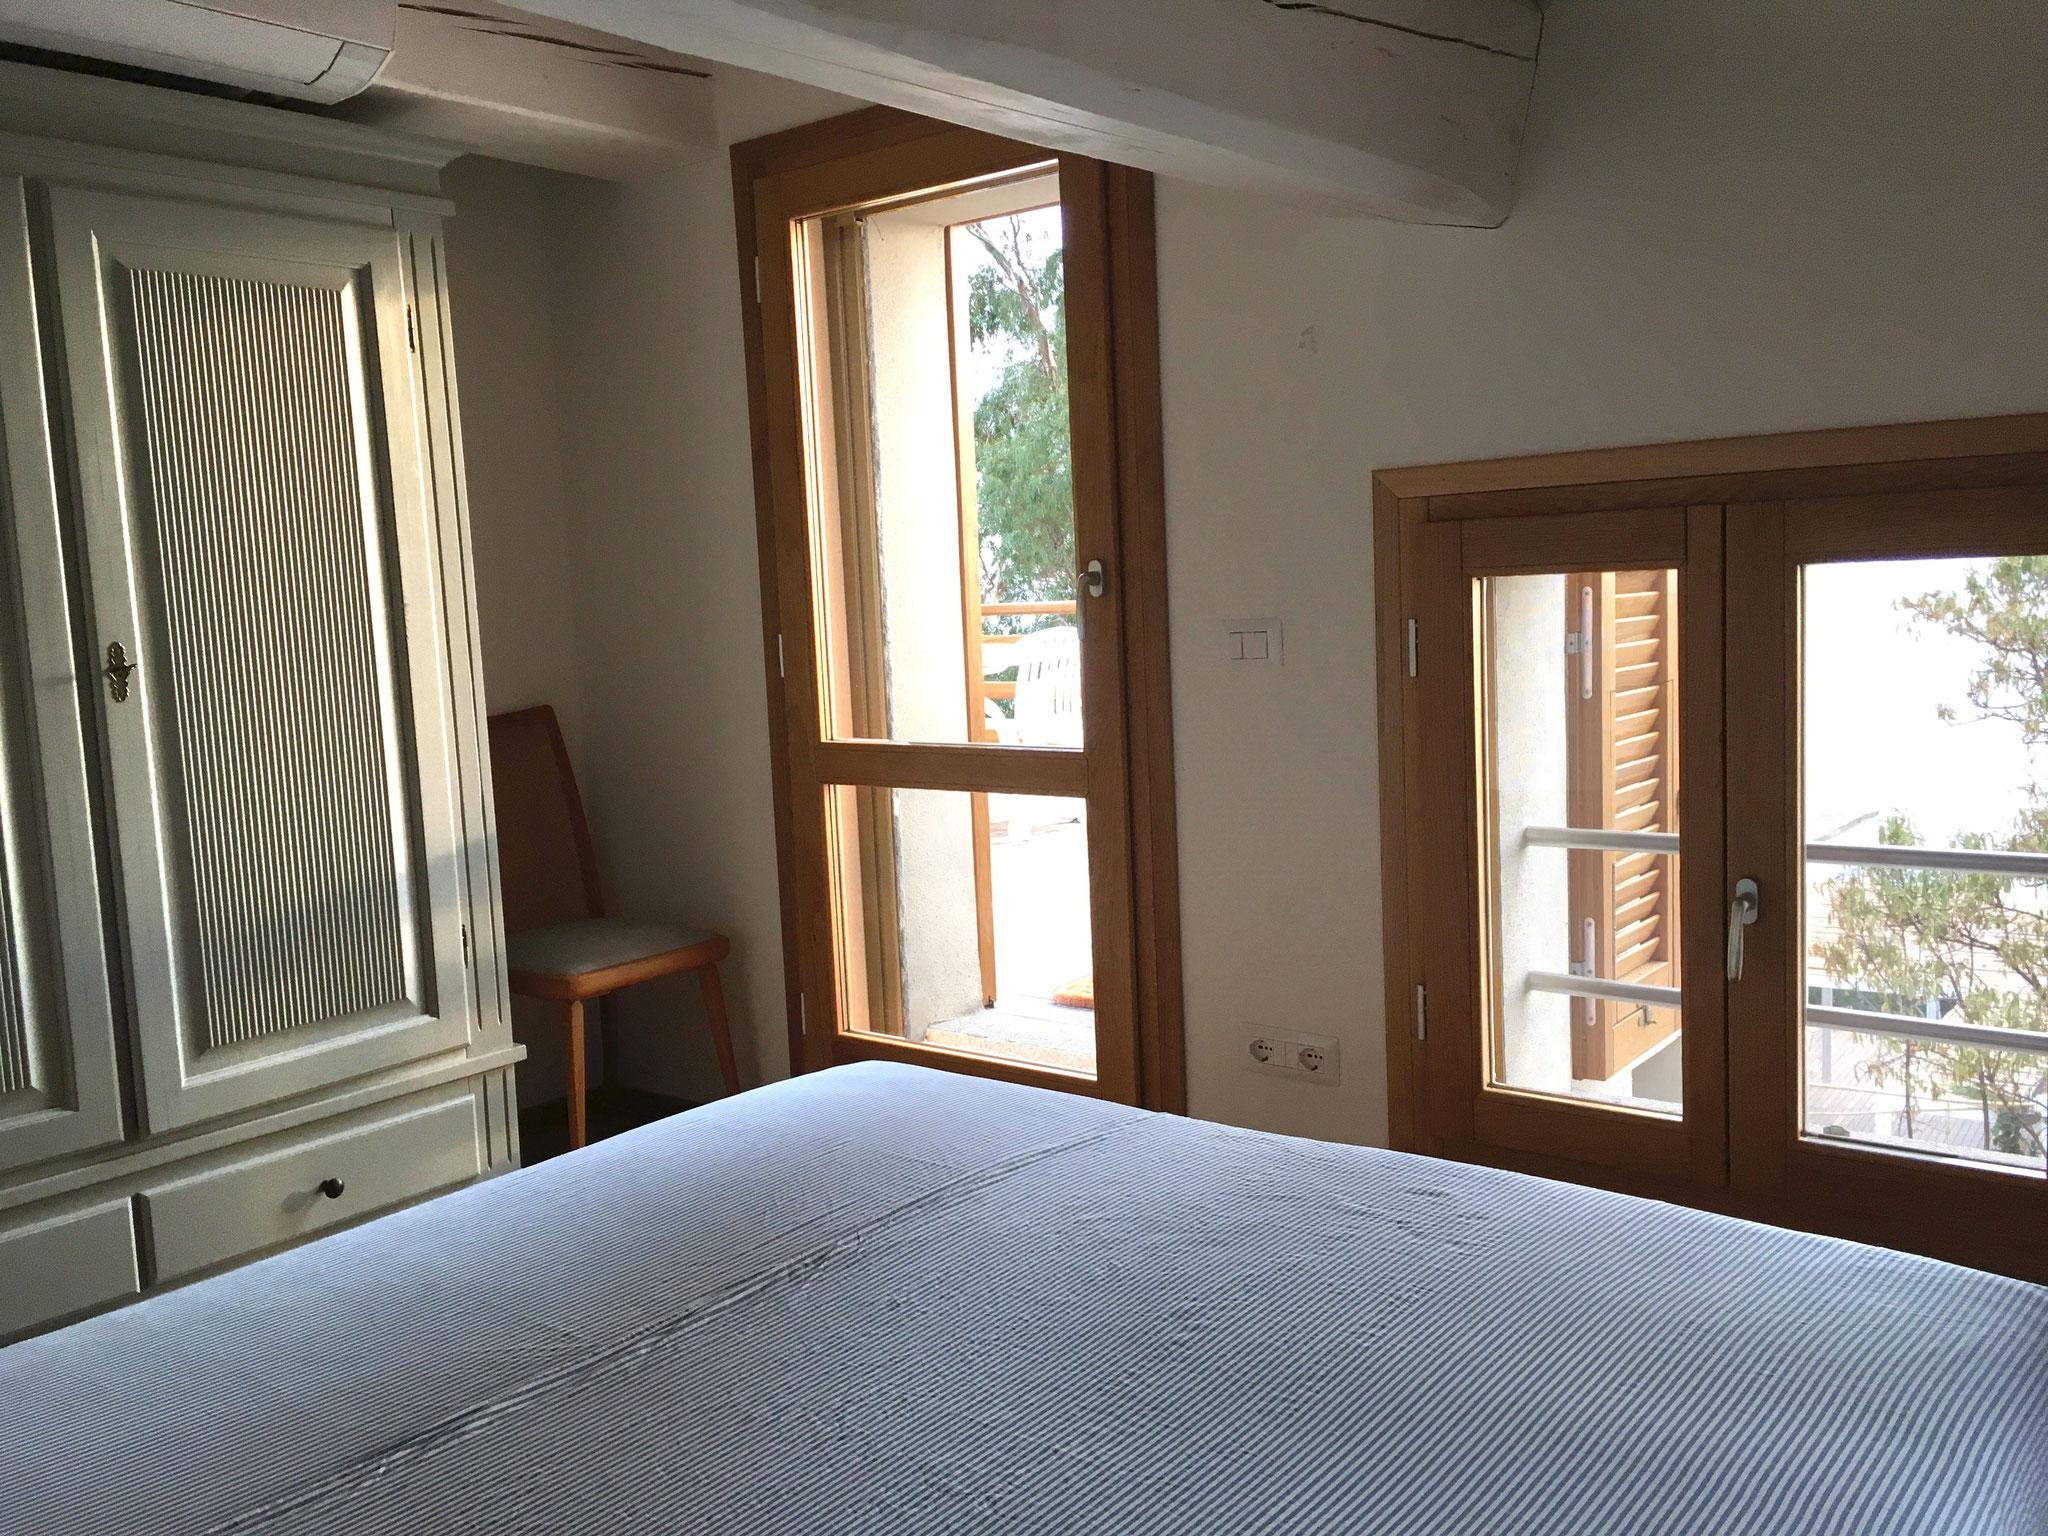 Schlafzimmer Nr. 1 mit Doppelbett ...